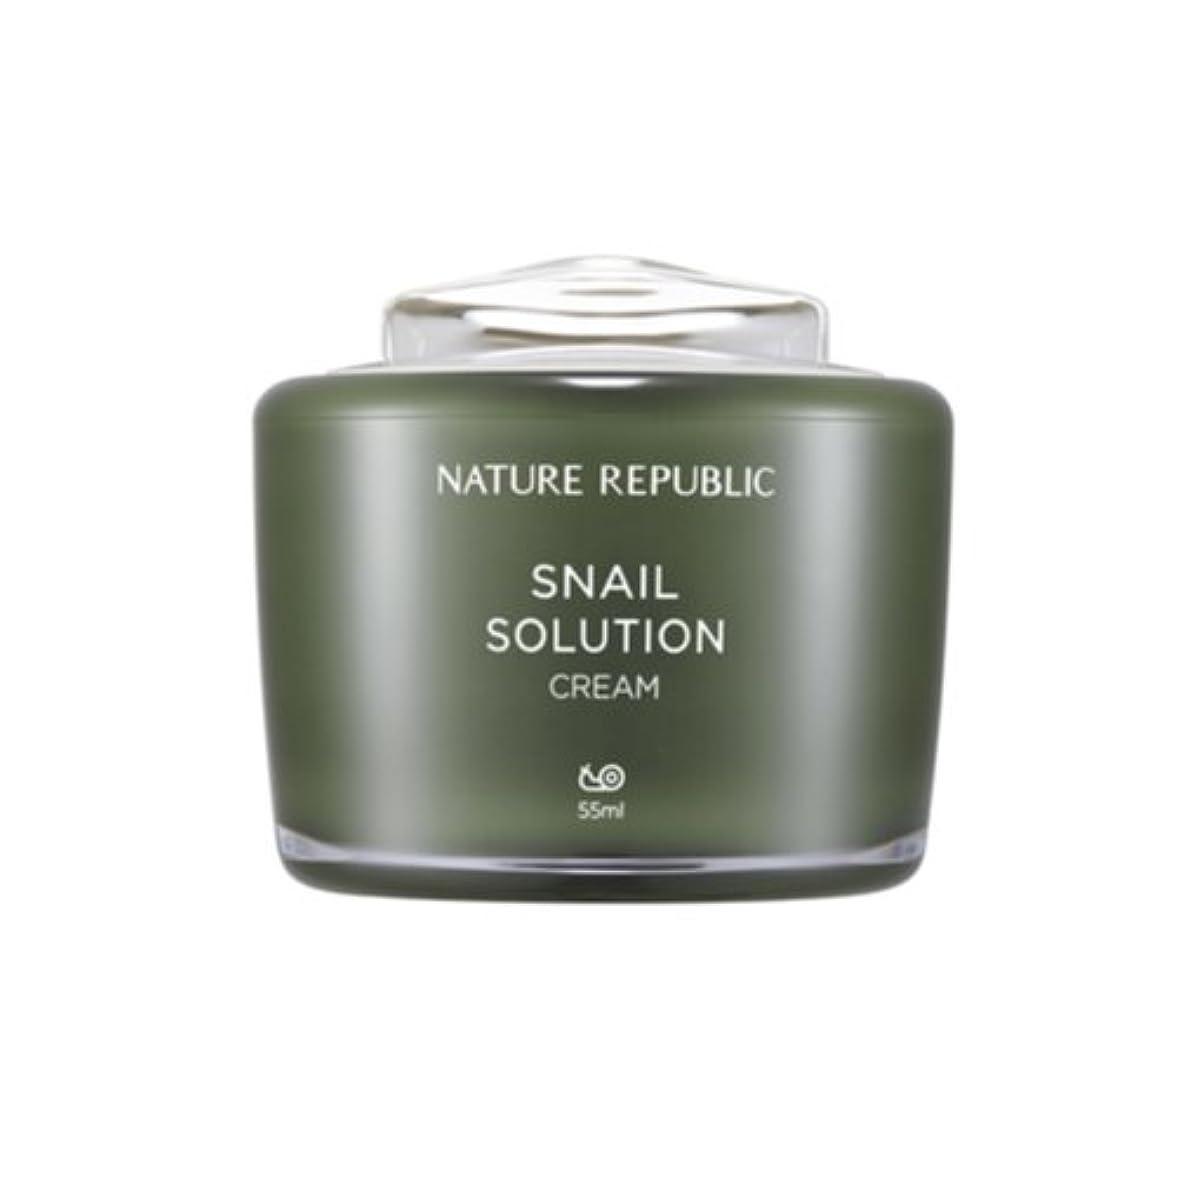 食器棚装備するバイオリン[ネイチャーリパブリック] Nature republicスネイルソリューションクリーム海外直送品(Snail Solution Cream) [並行輸入品]